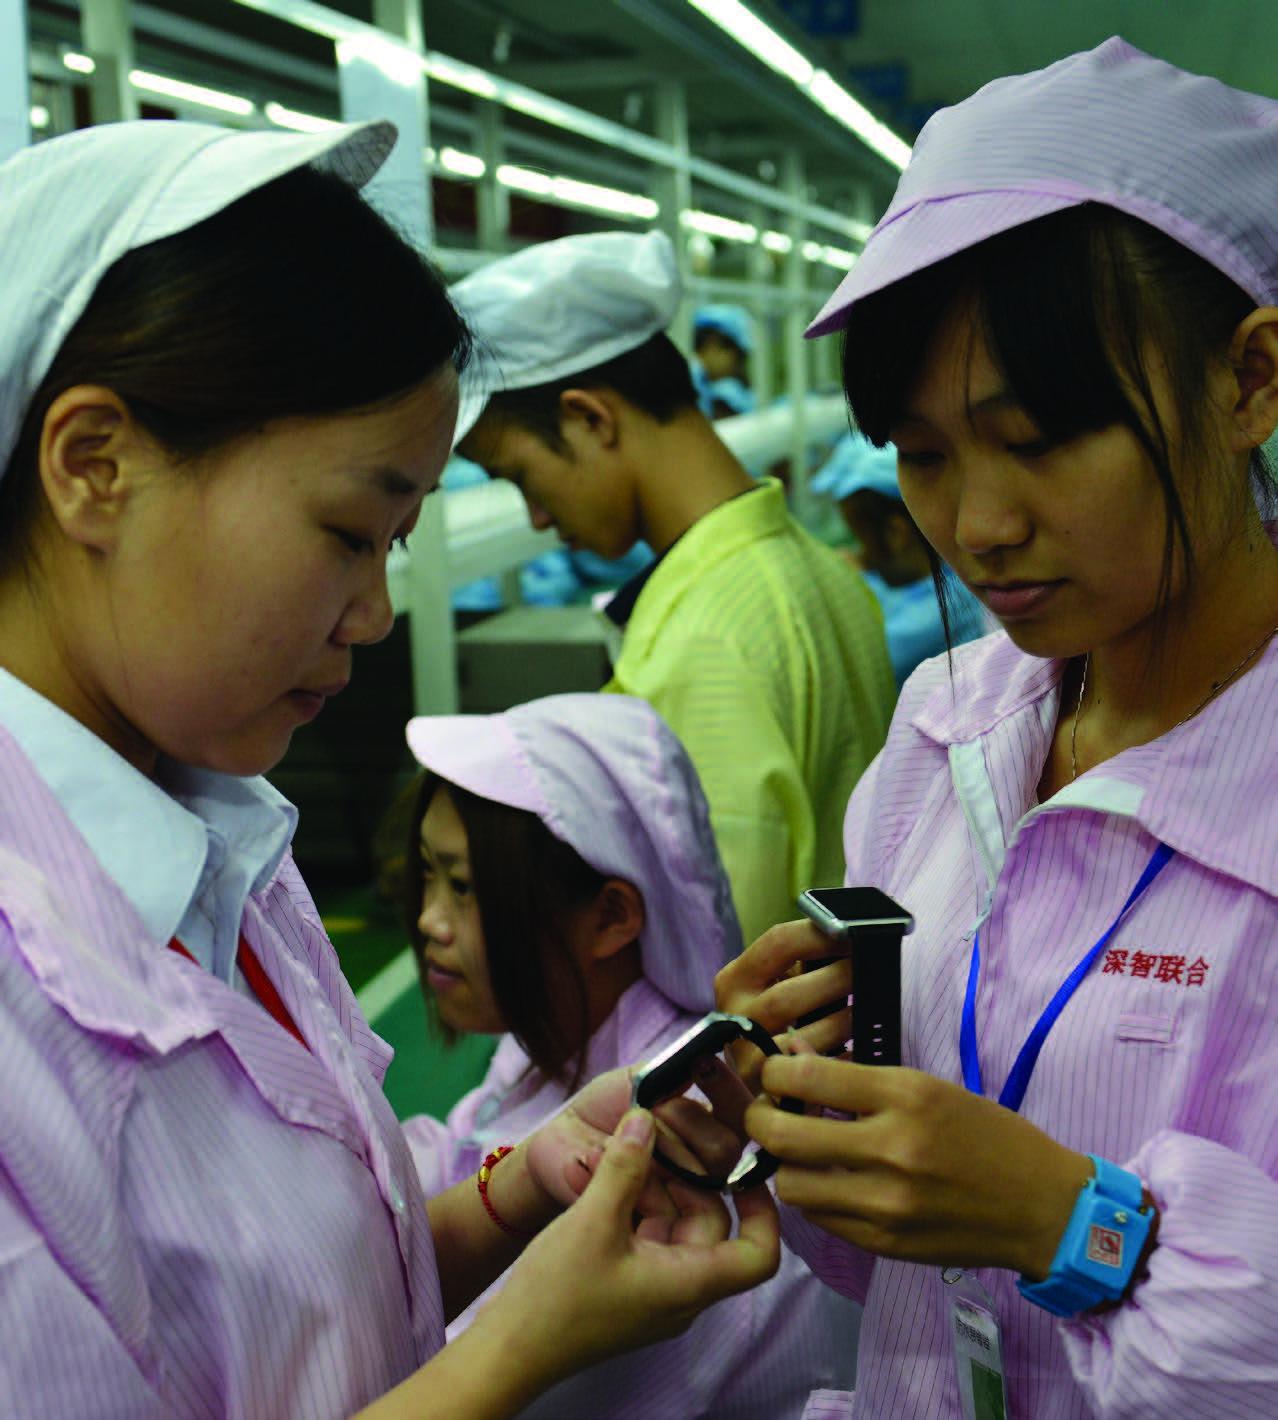 Trabalhadores chineses posam com uma alternativa local mais barata do Relógio Apple em Shenzhen, na província de Guangdong, sul da China, em 22 de abril de 2015 (STR/AFP/Getty Images)